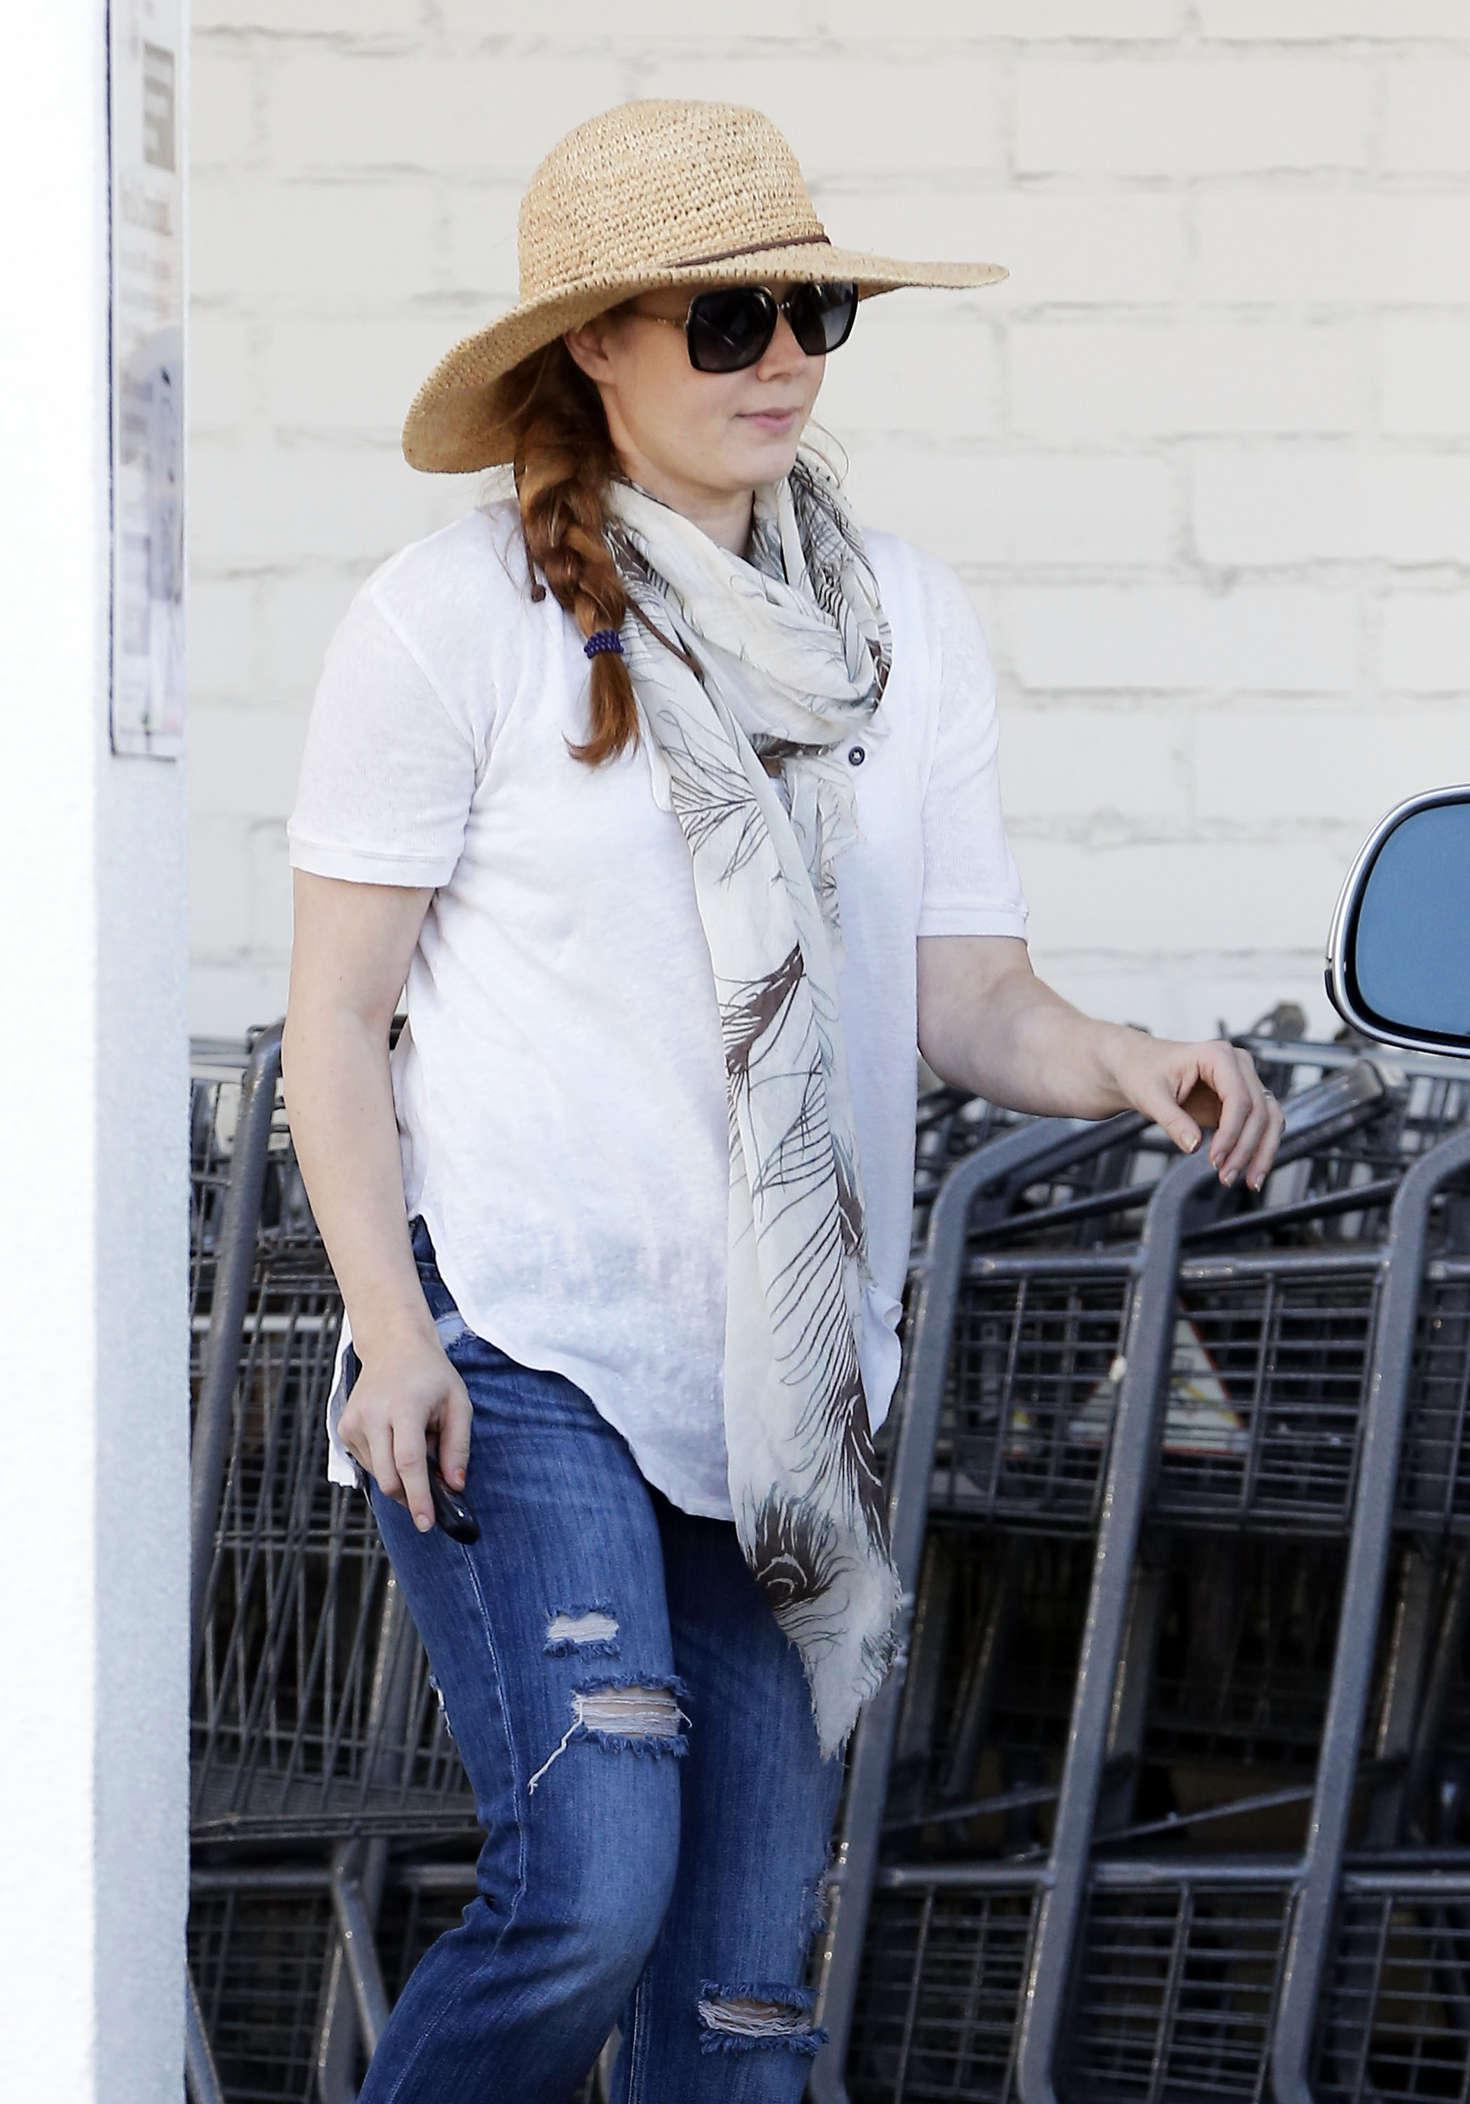 Amy Adams 2016 : Amy Adams in Jeans Shopping in LA -09